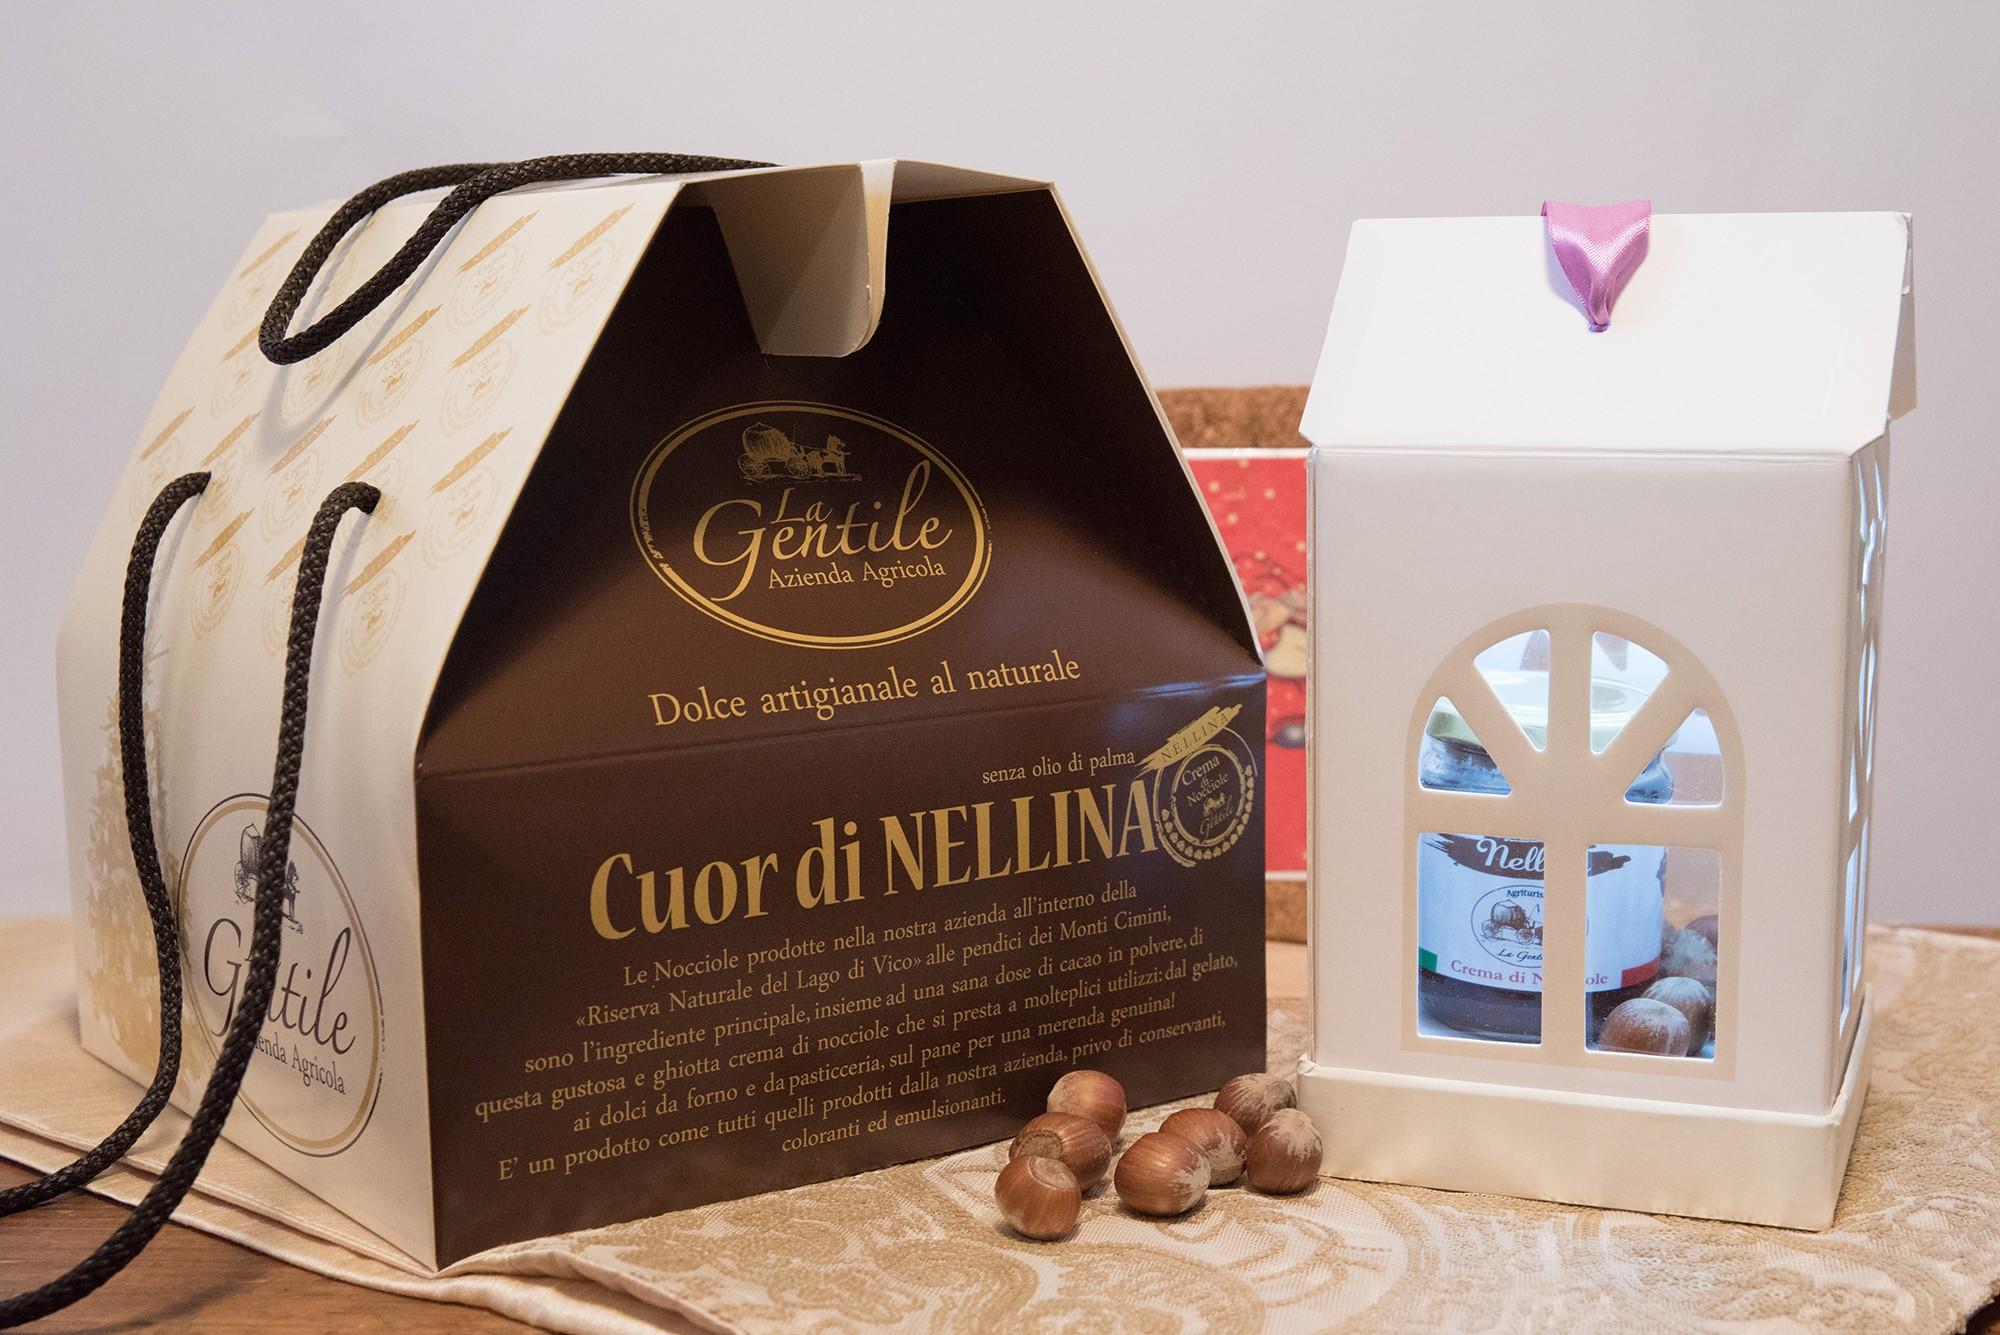 Panettone Cuor di Nellina - Dolce Artigianale al Naturale - Azienda Agricola la Gentile